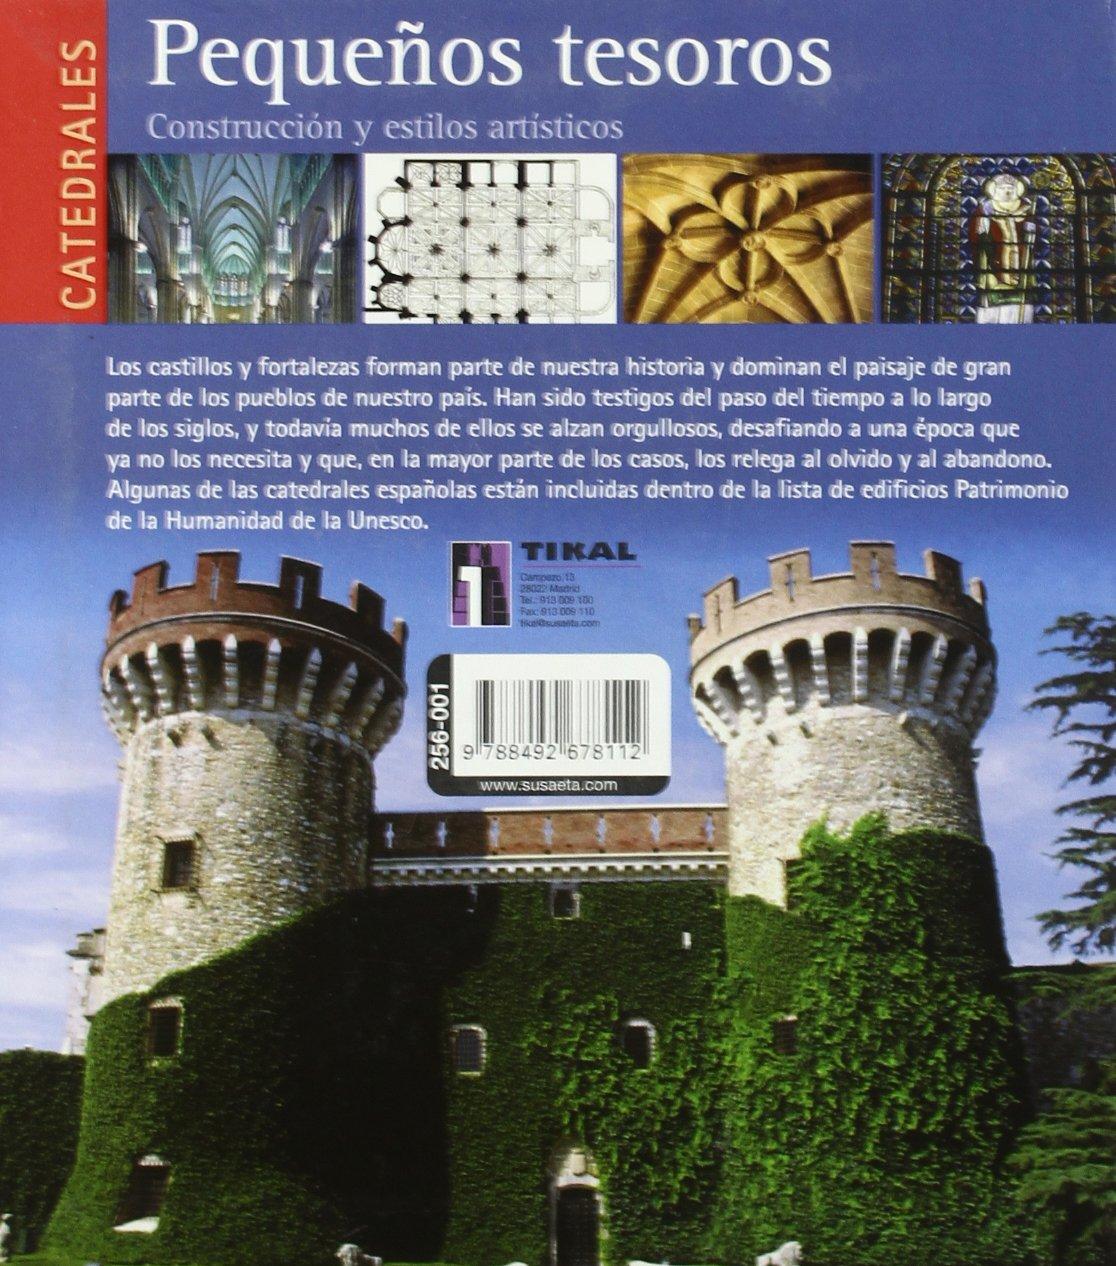 Castillos, Fortalezas Y Catedrales España Pequeños Tesoros: Amazon.es: Aa.Vv.: Libros